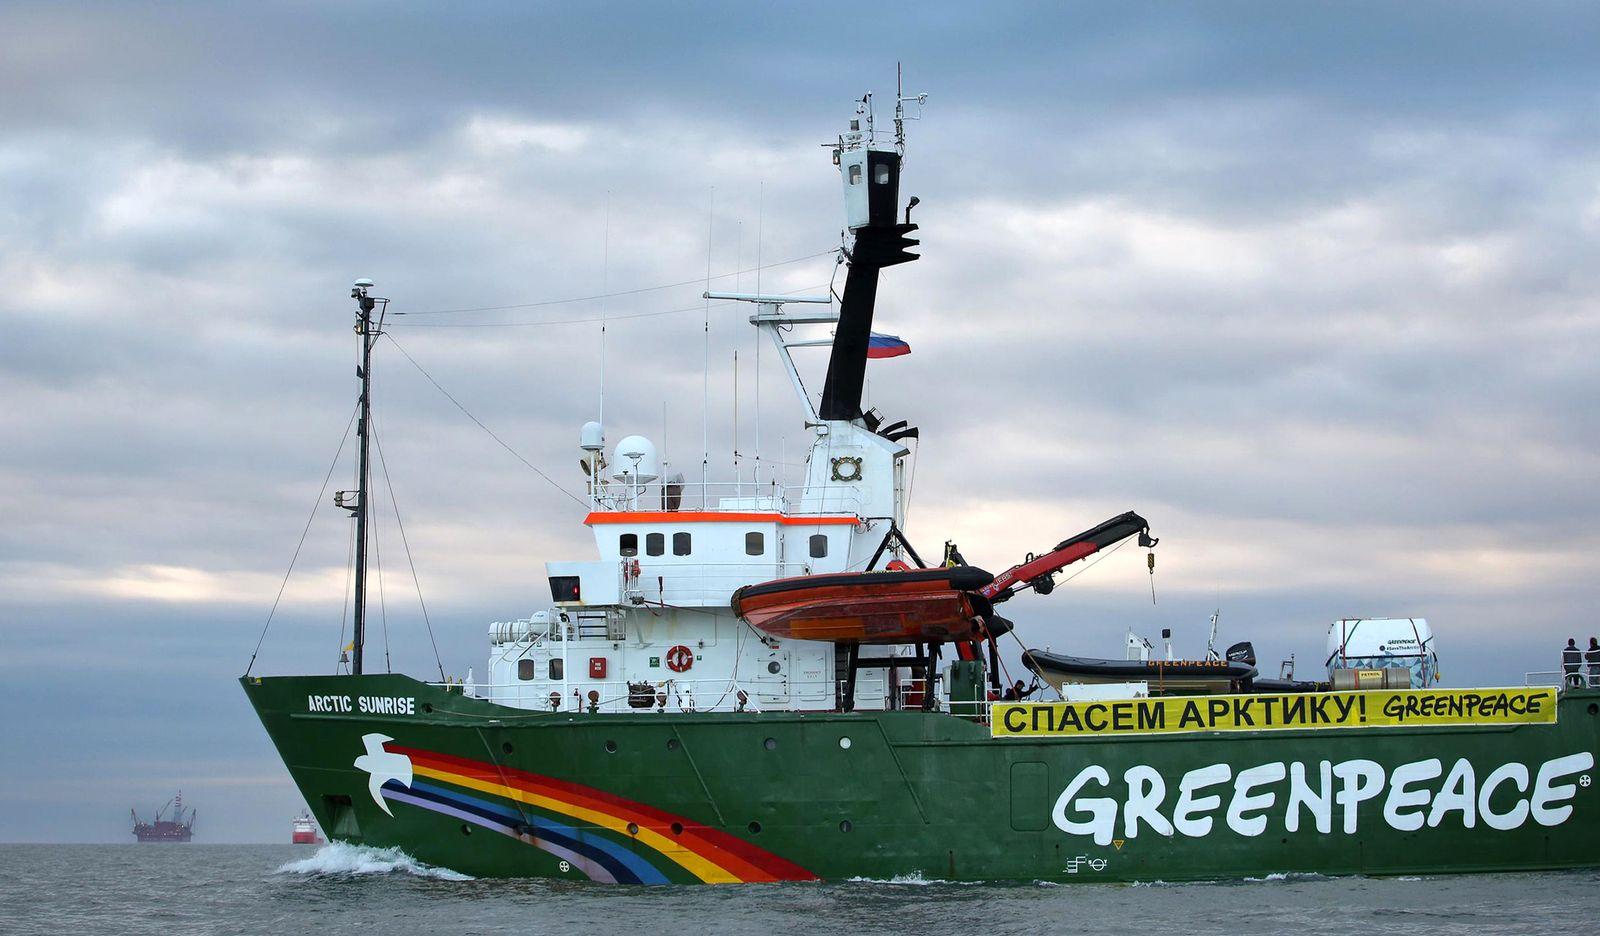 Greenpeace / Arctic Sunrise / Gazprom